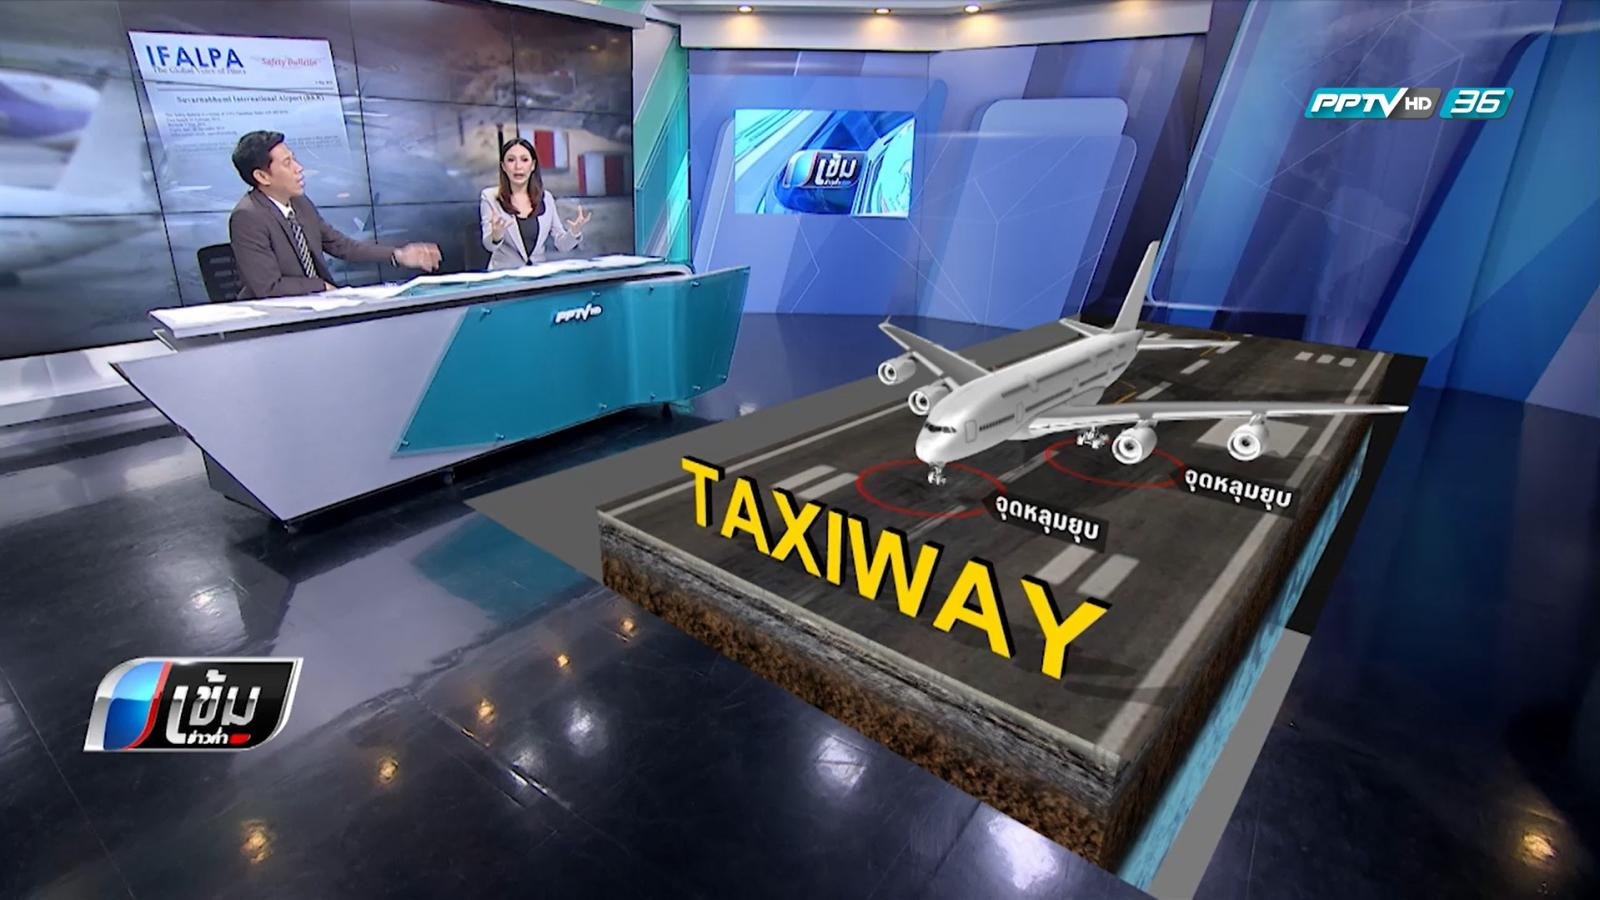 นักบินจี้ ทอท.เร่งแก้แท็กซี่เวย์สุวรรณภูมิชำรุด หลังสมาพันธ์นักบินฯเตือนให้ระวัง